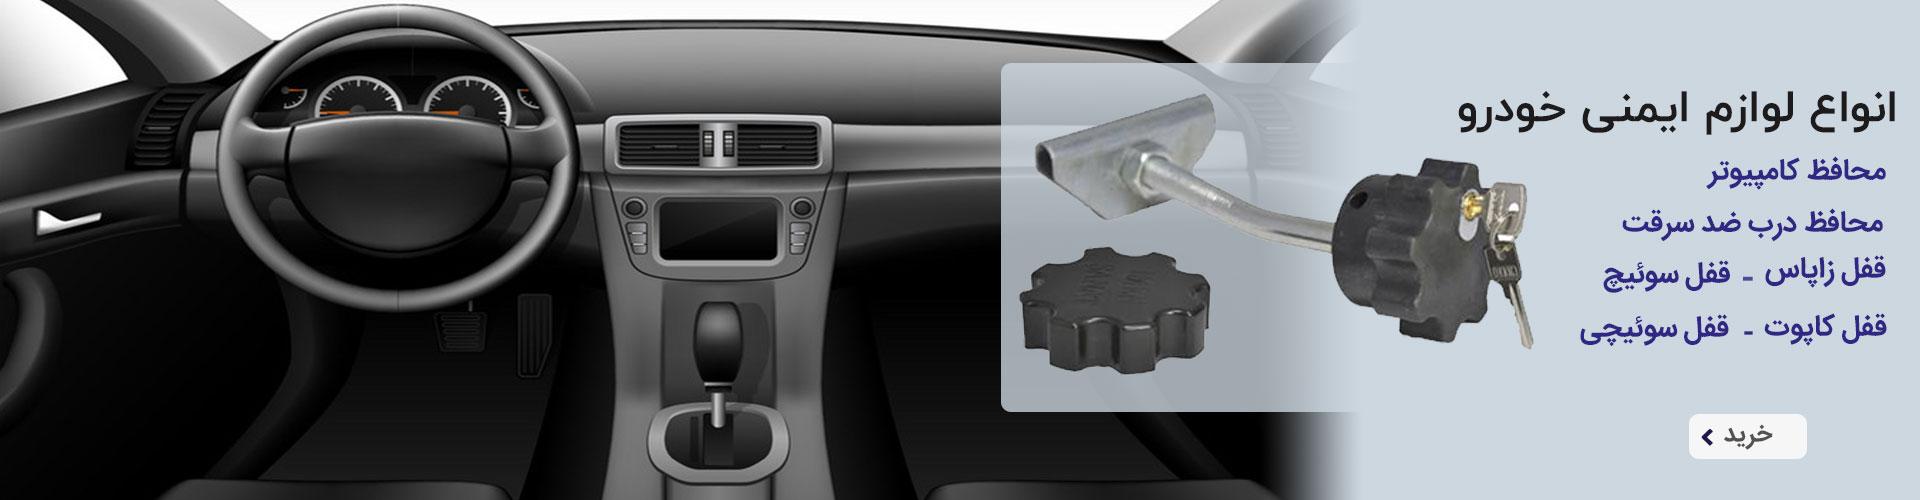 قفل زاپاس خودرو - فروشگاه اینترنتی ولاش